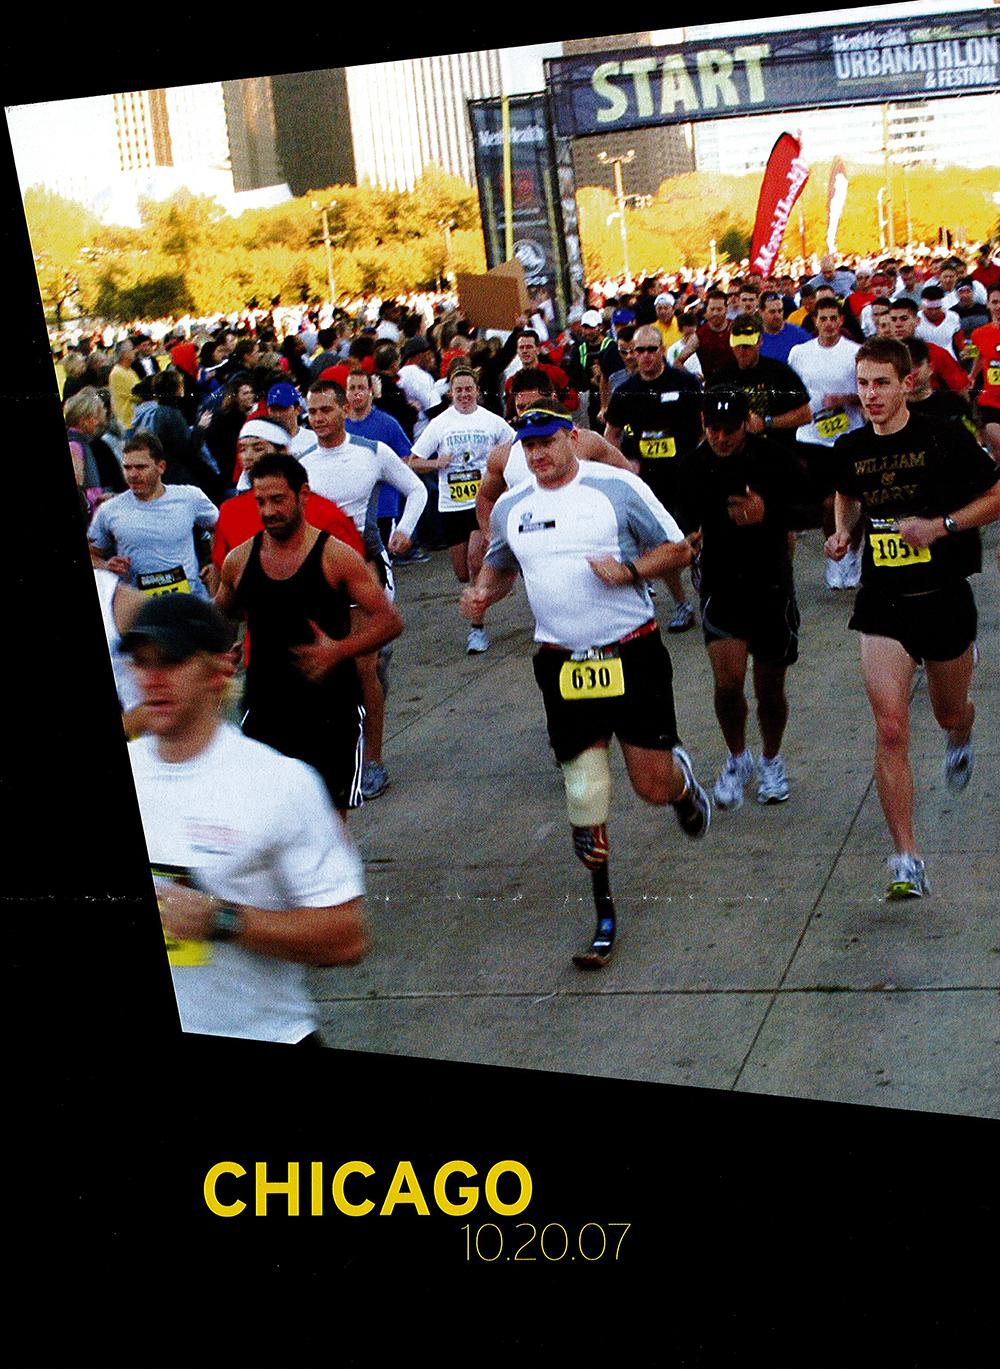 chicago-10-20-07.jpg